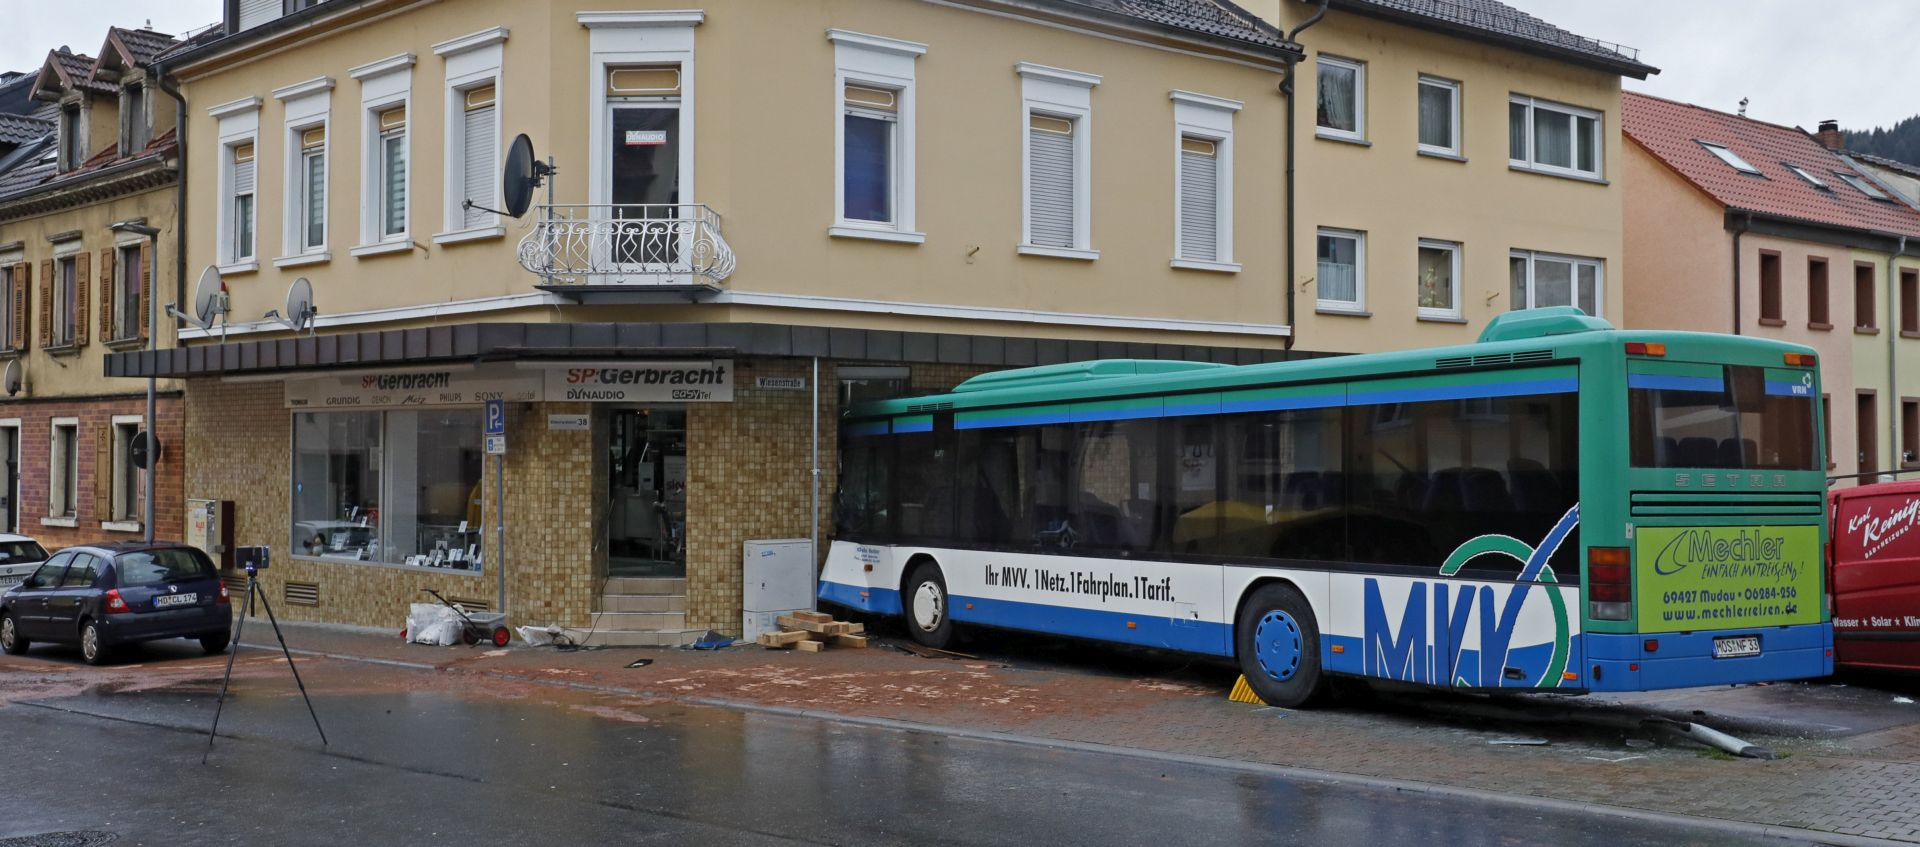 Školski autobus se zabio u zgradu, 49 ozlijeđenih